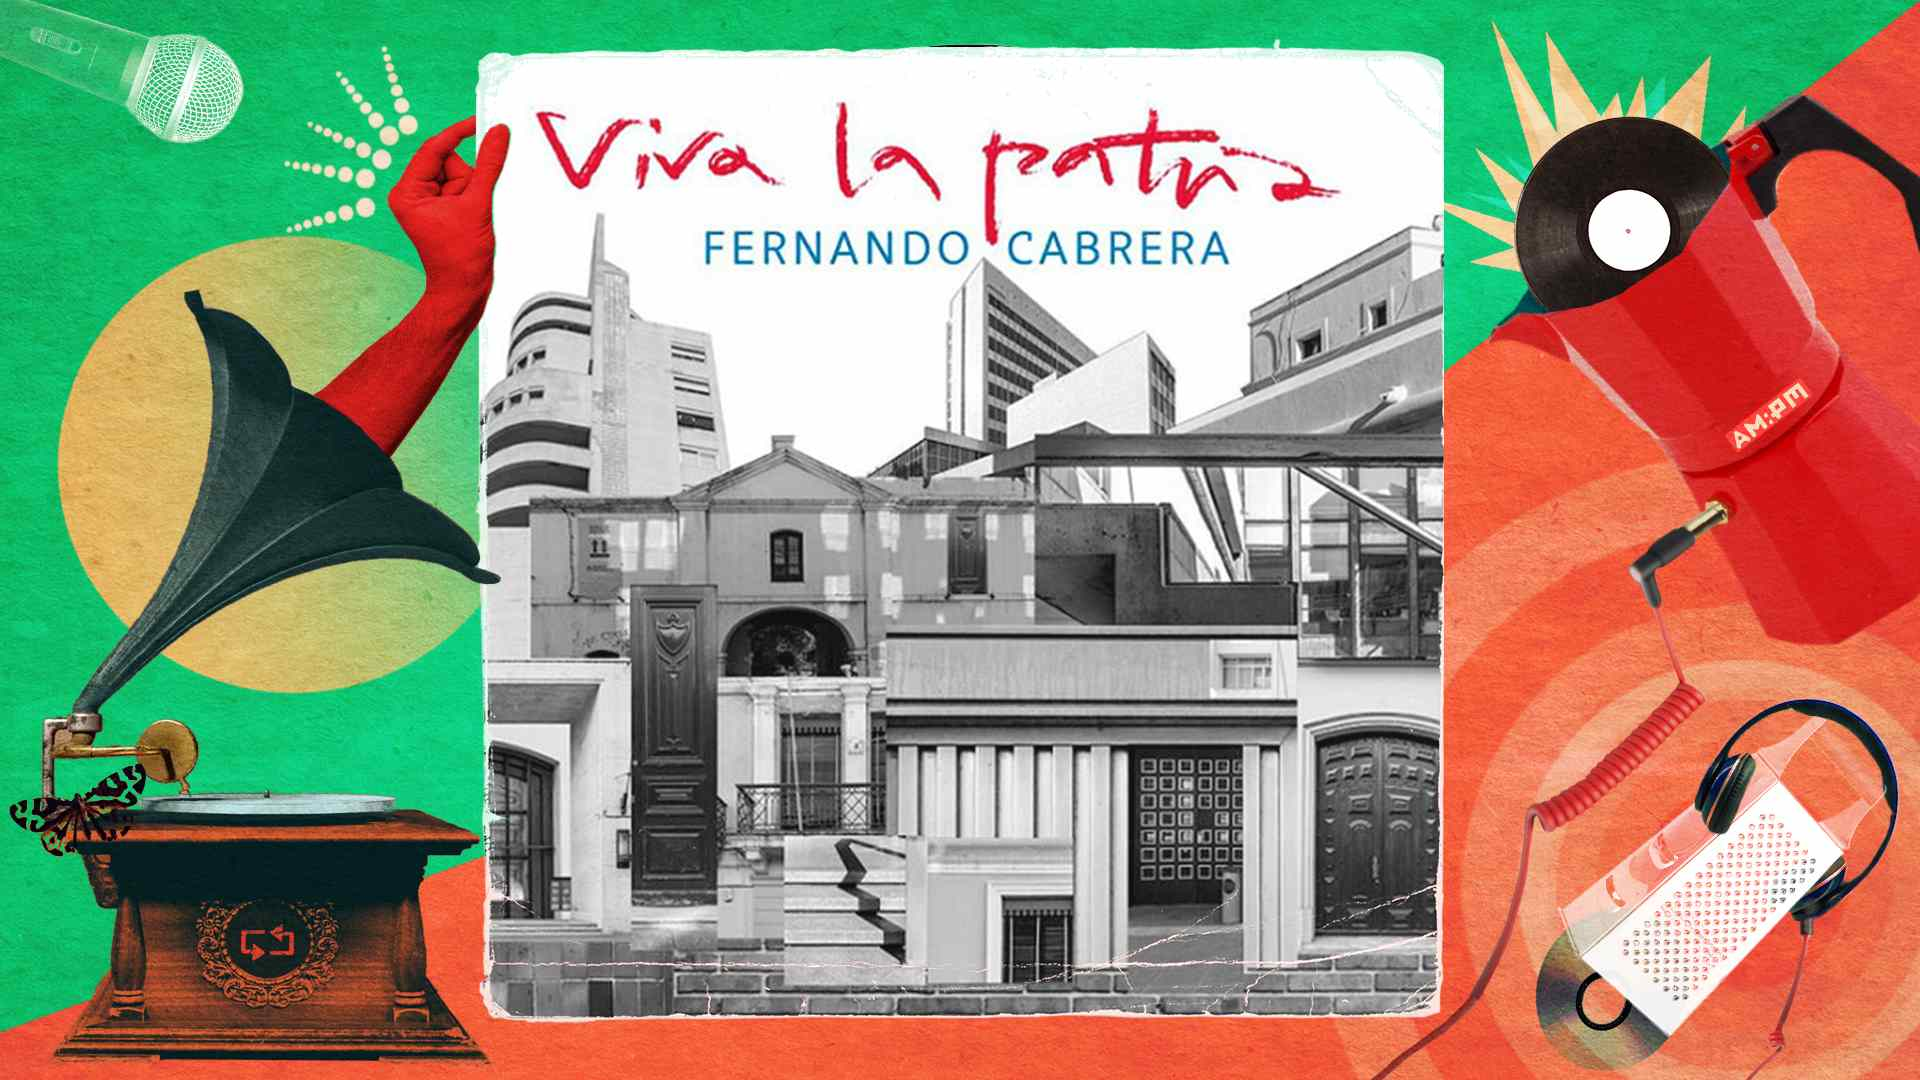 Diseño: Jennifer Ancizar, a partir de la portada del álbum Viva la patria.